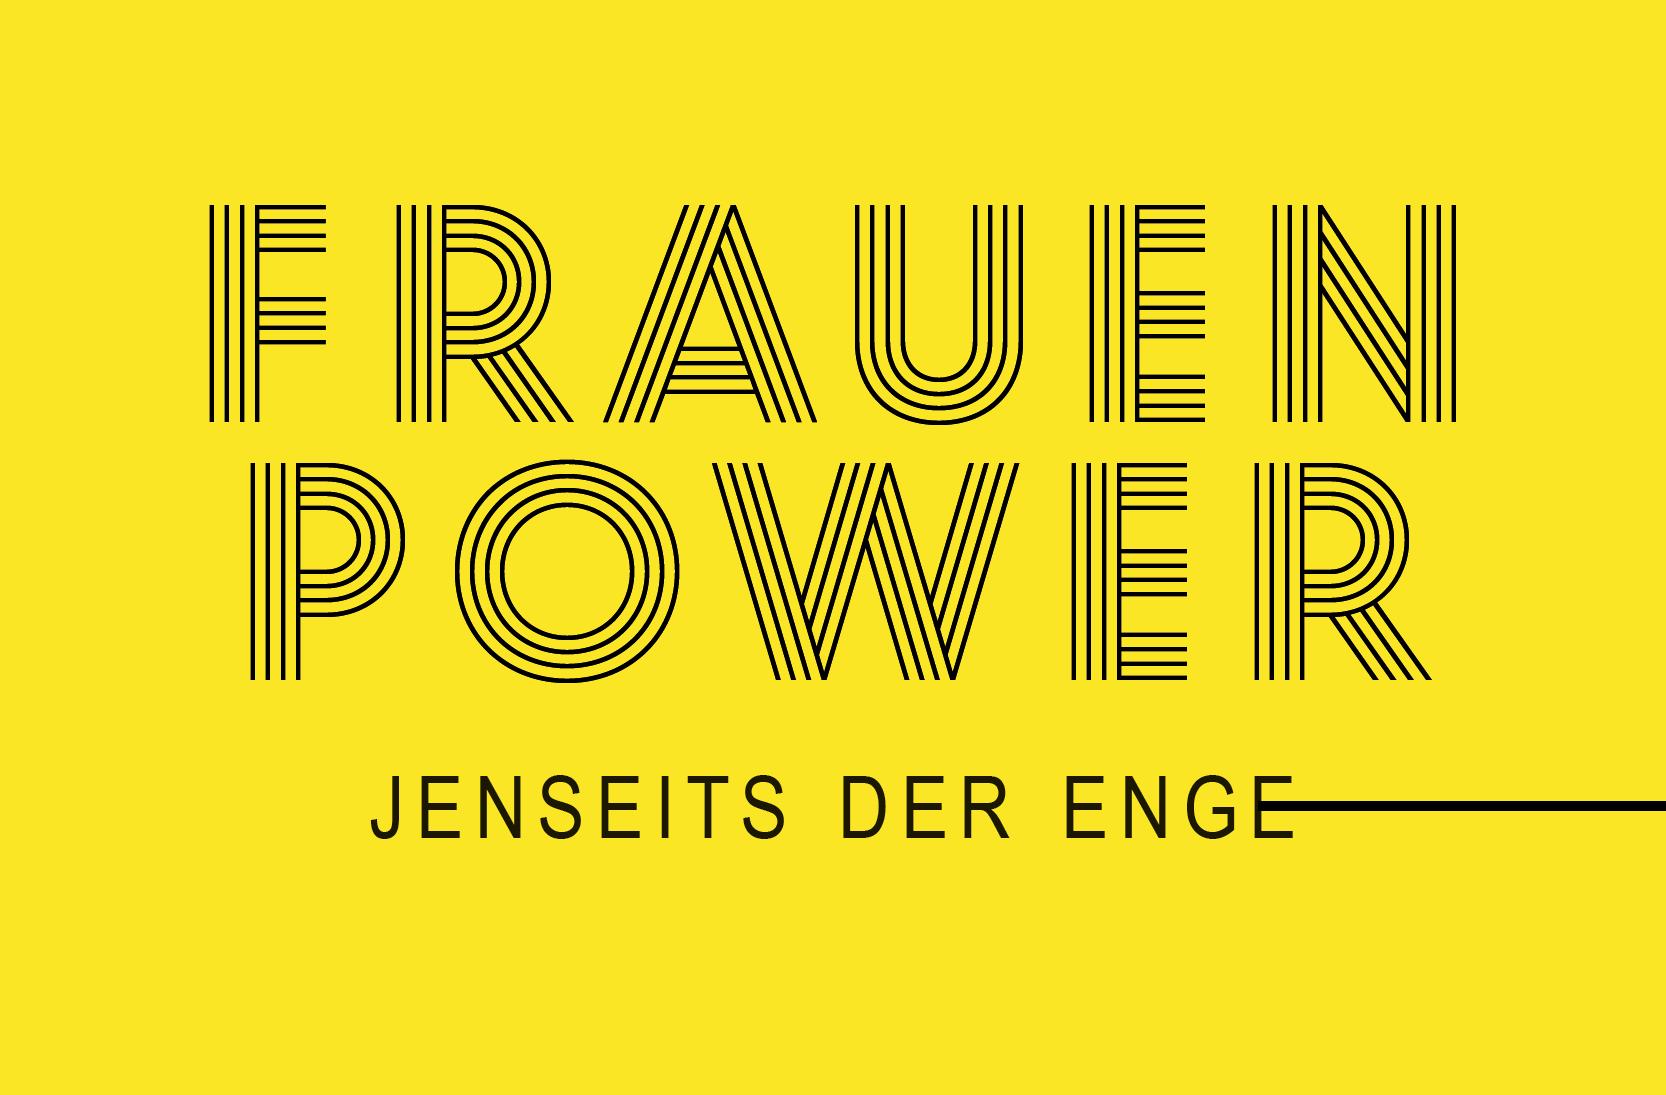 Titel Ausstellung FrauenPower